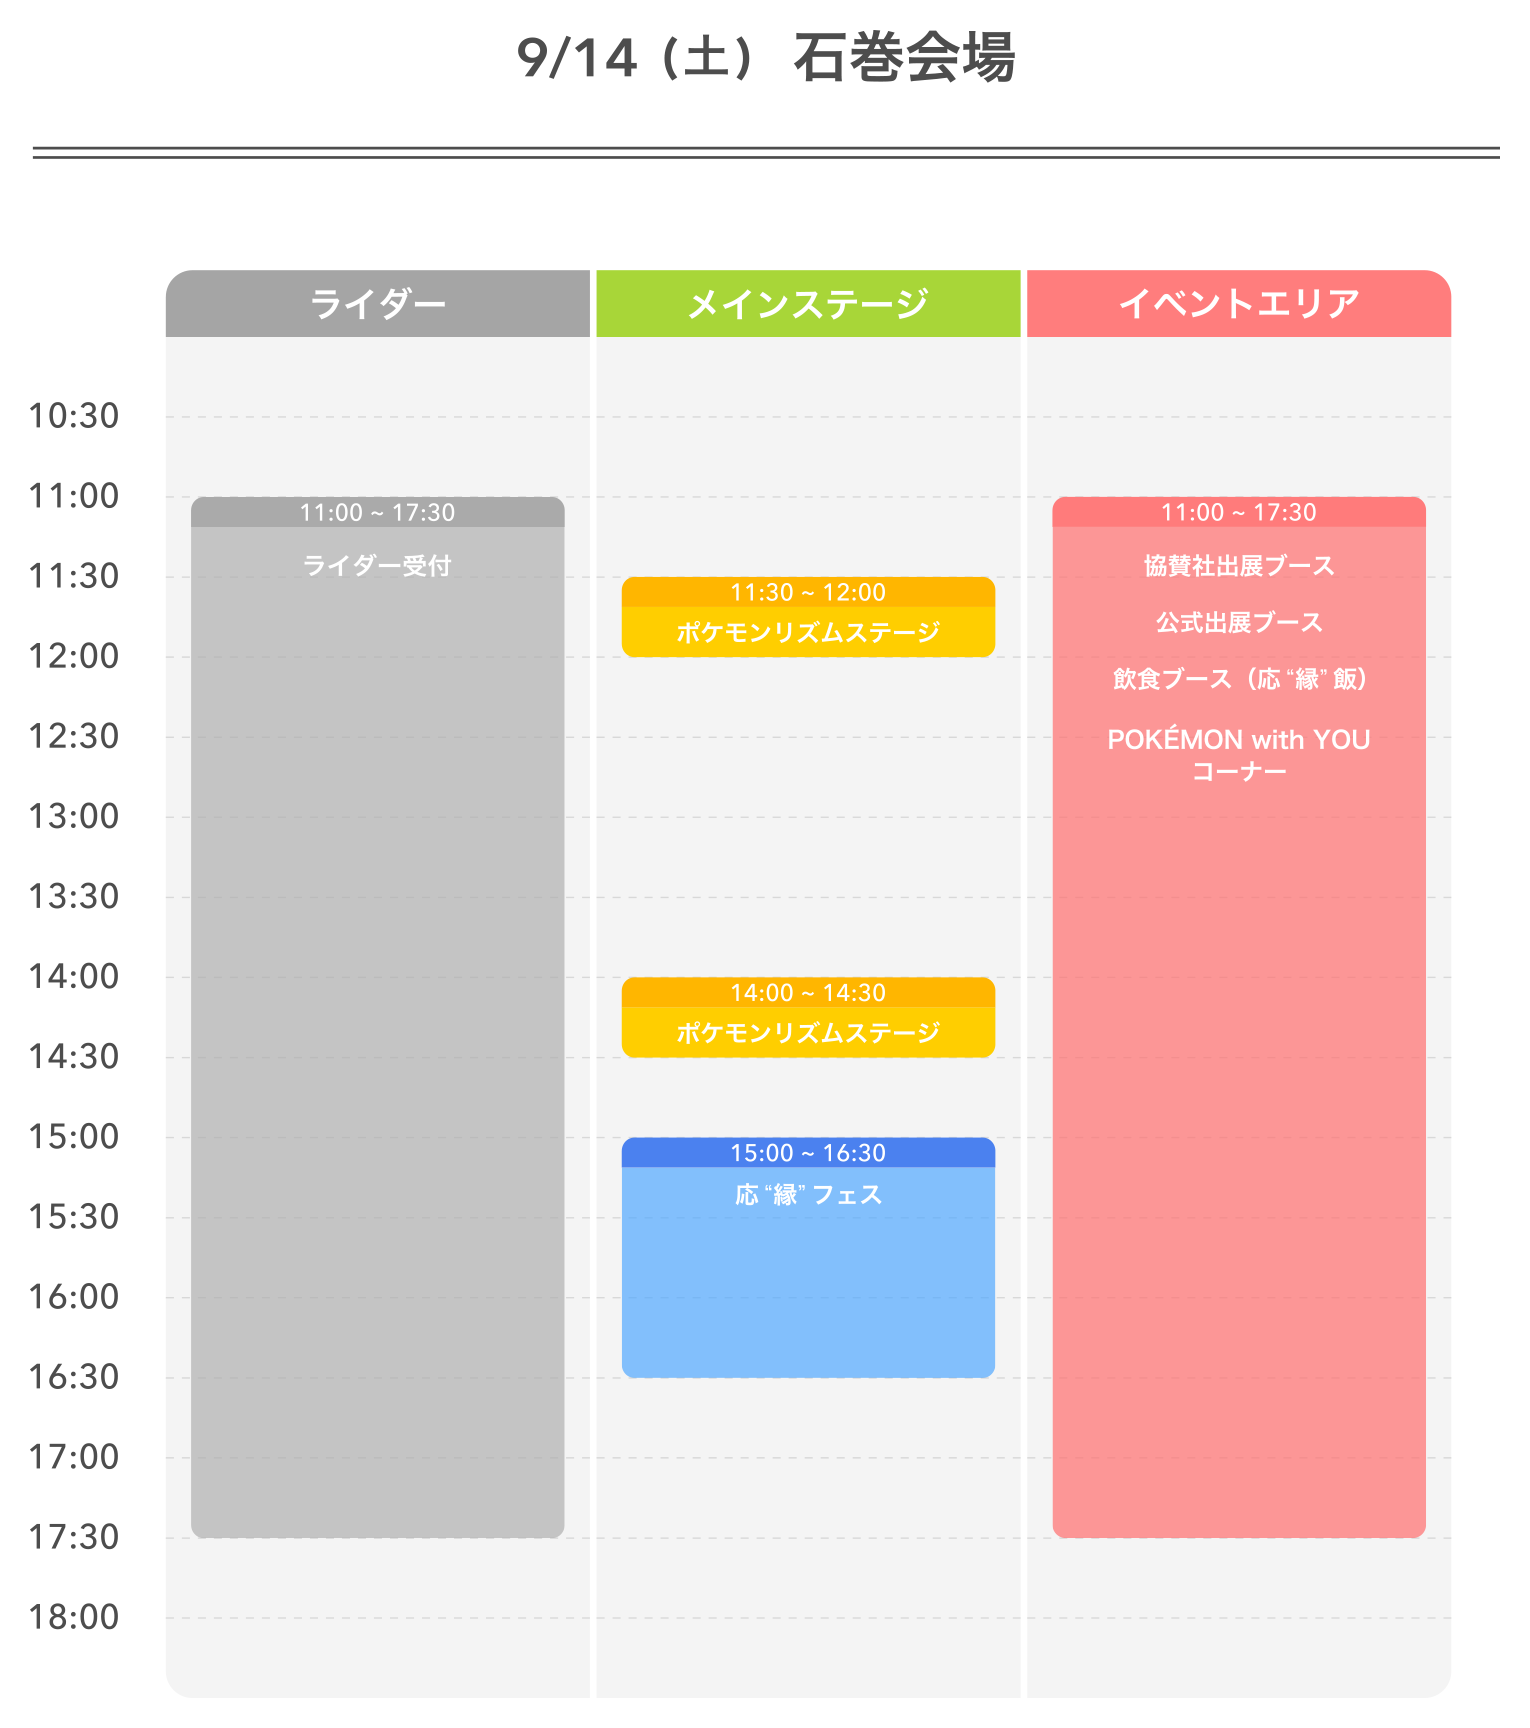 9月14日 - 石巻会場スケジュール表